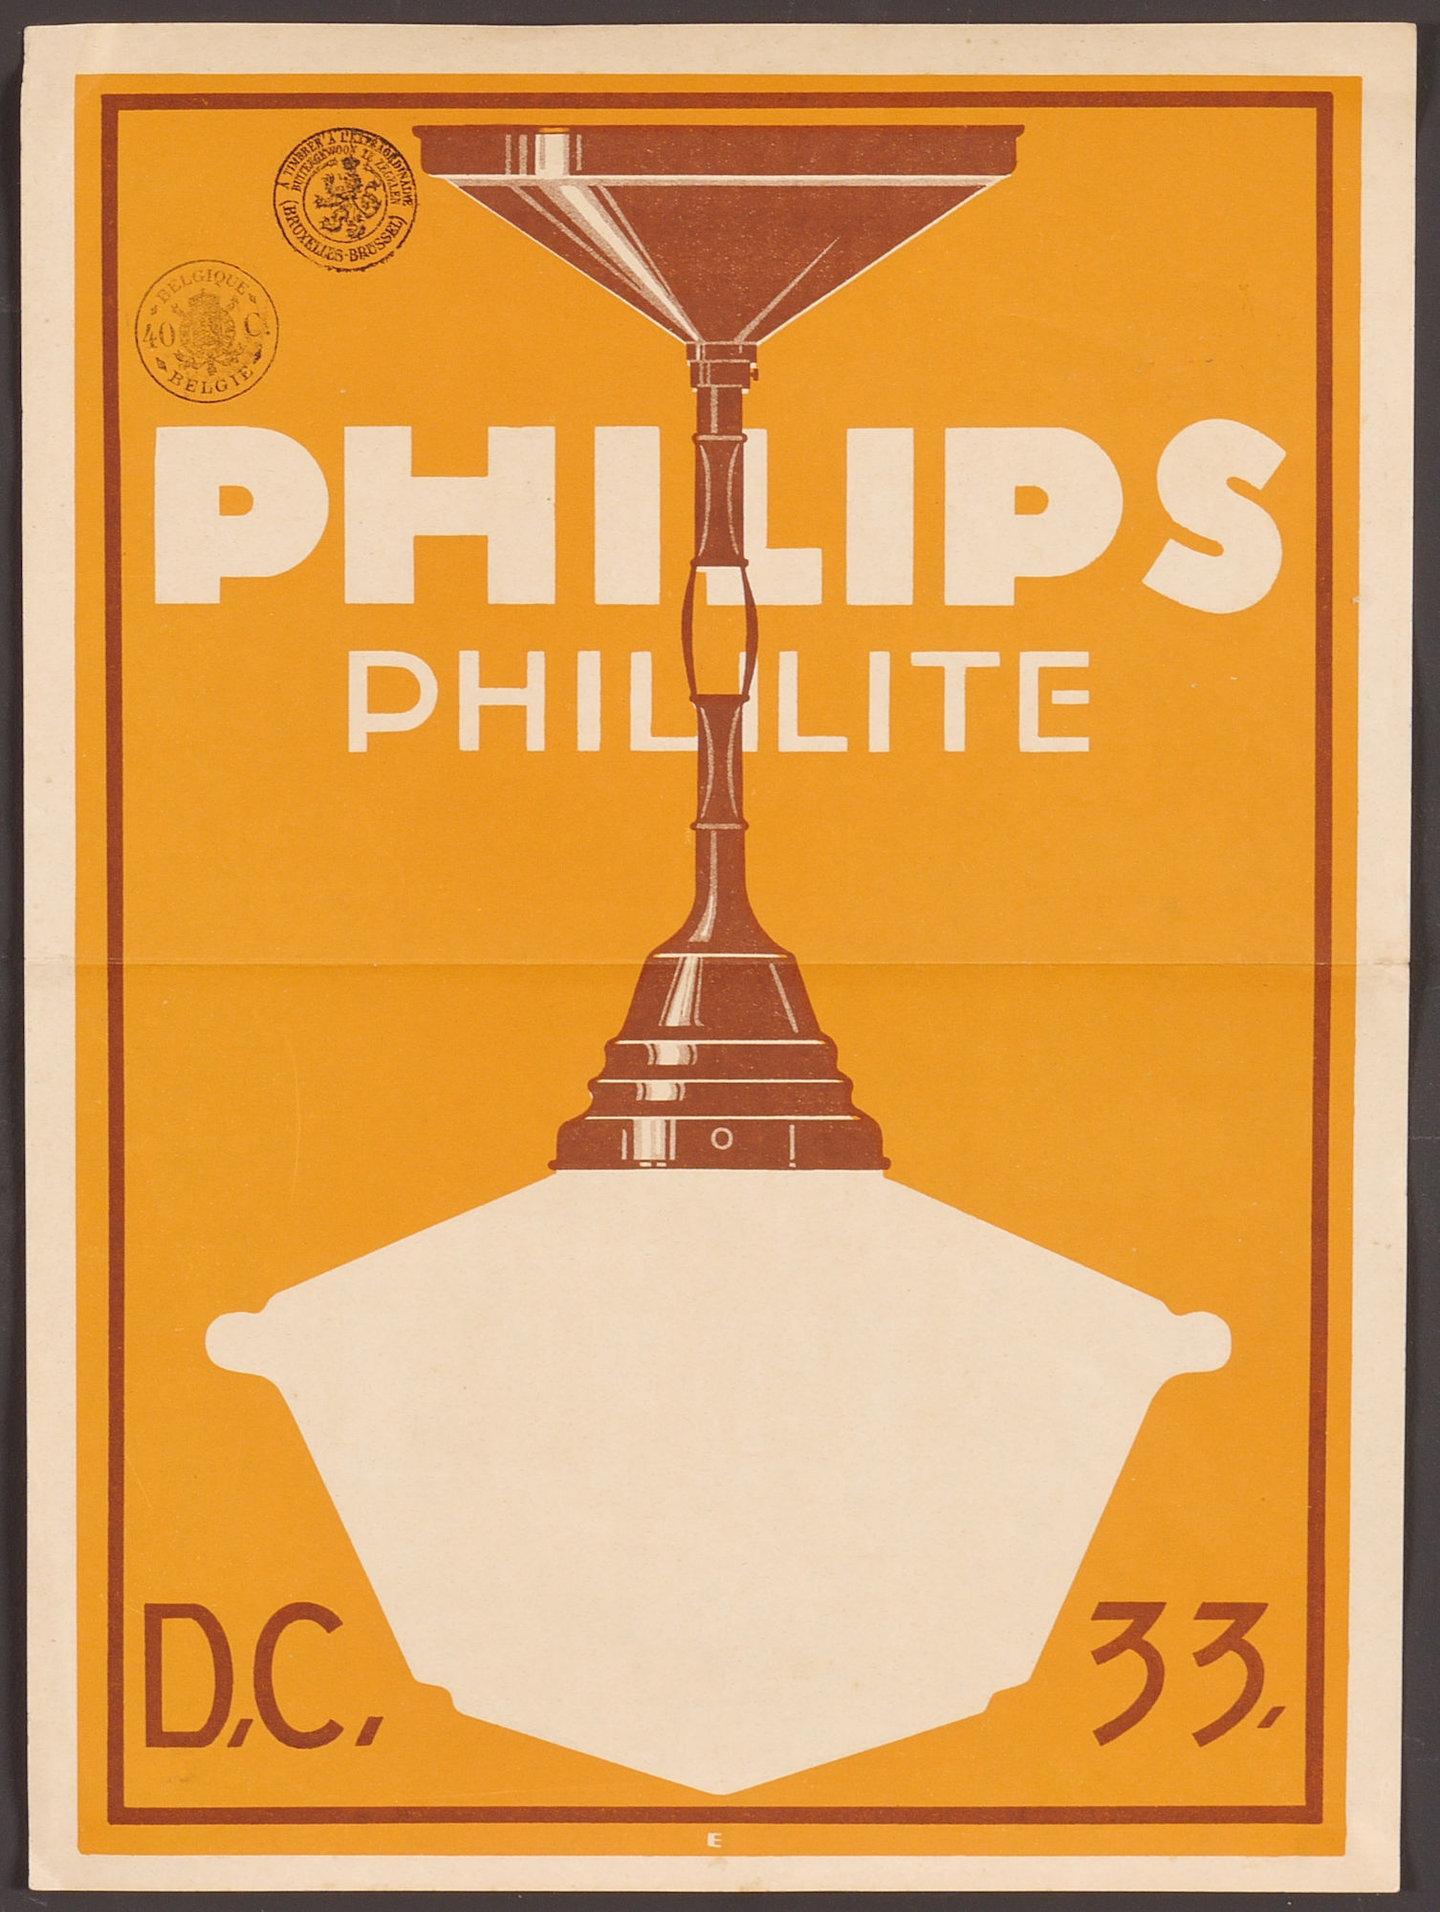 Reclameaffiche voor Phililite, luchter van het merk Philips